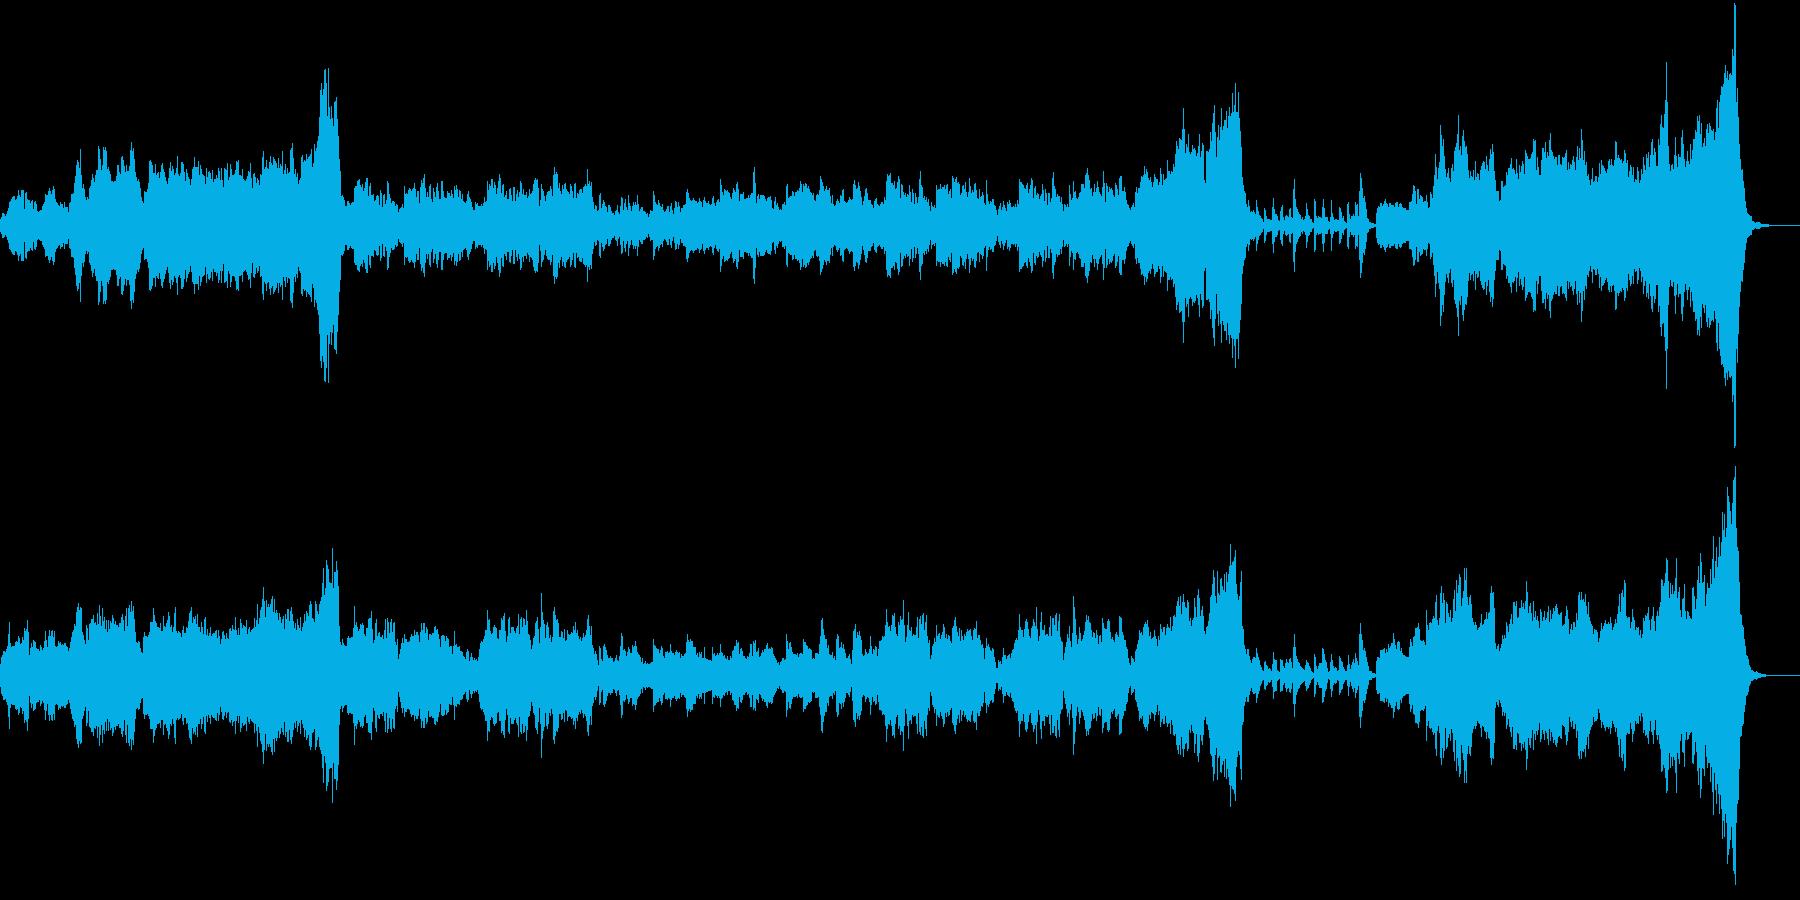 ファンタジー、RPGでよくある曲(暗め)の再生済みの波形